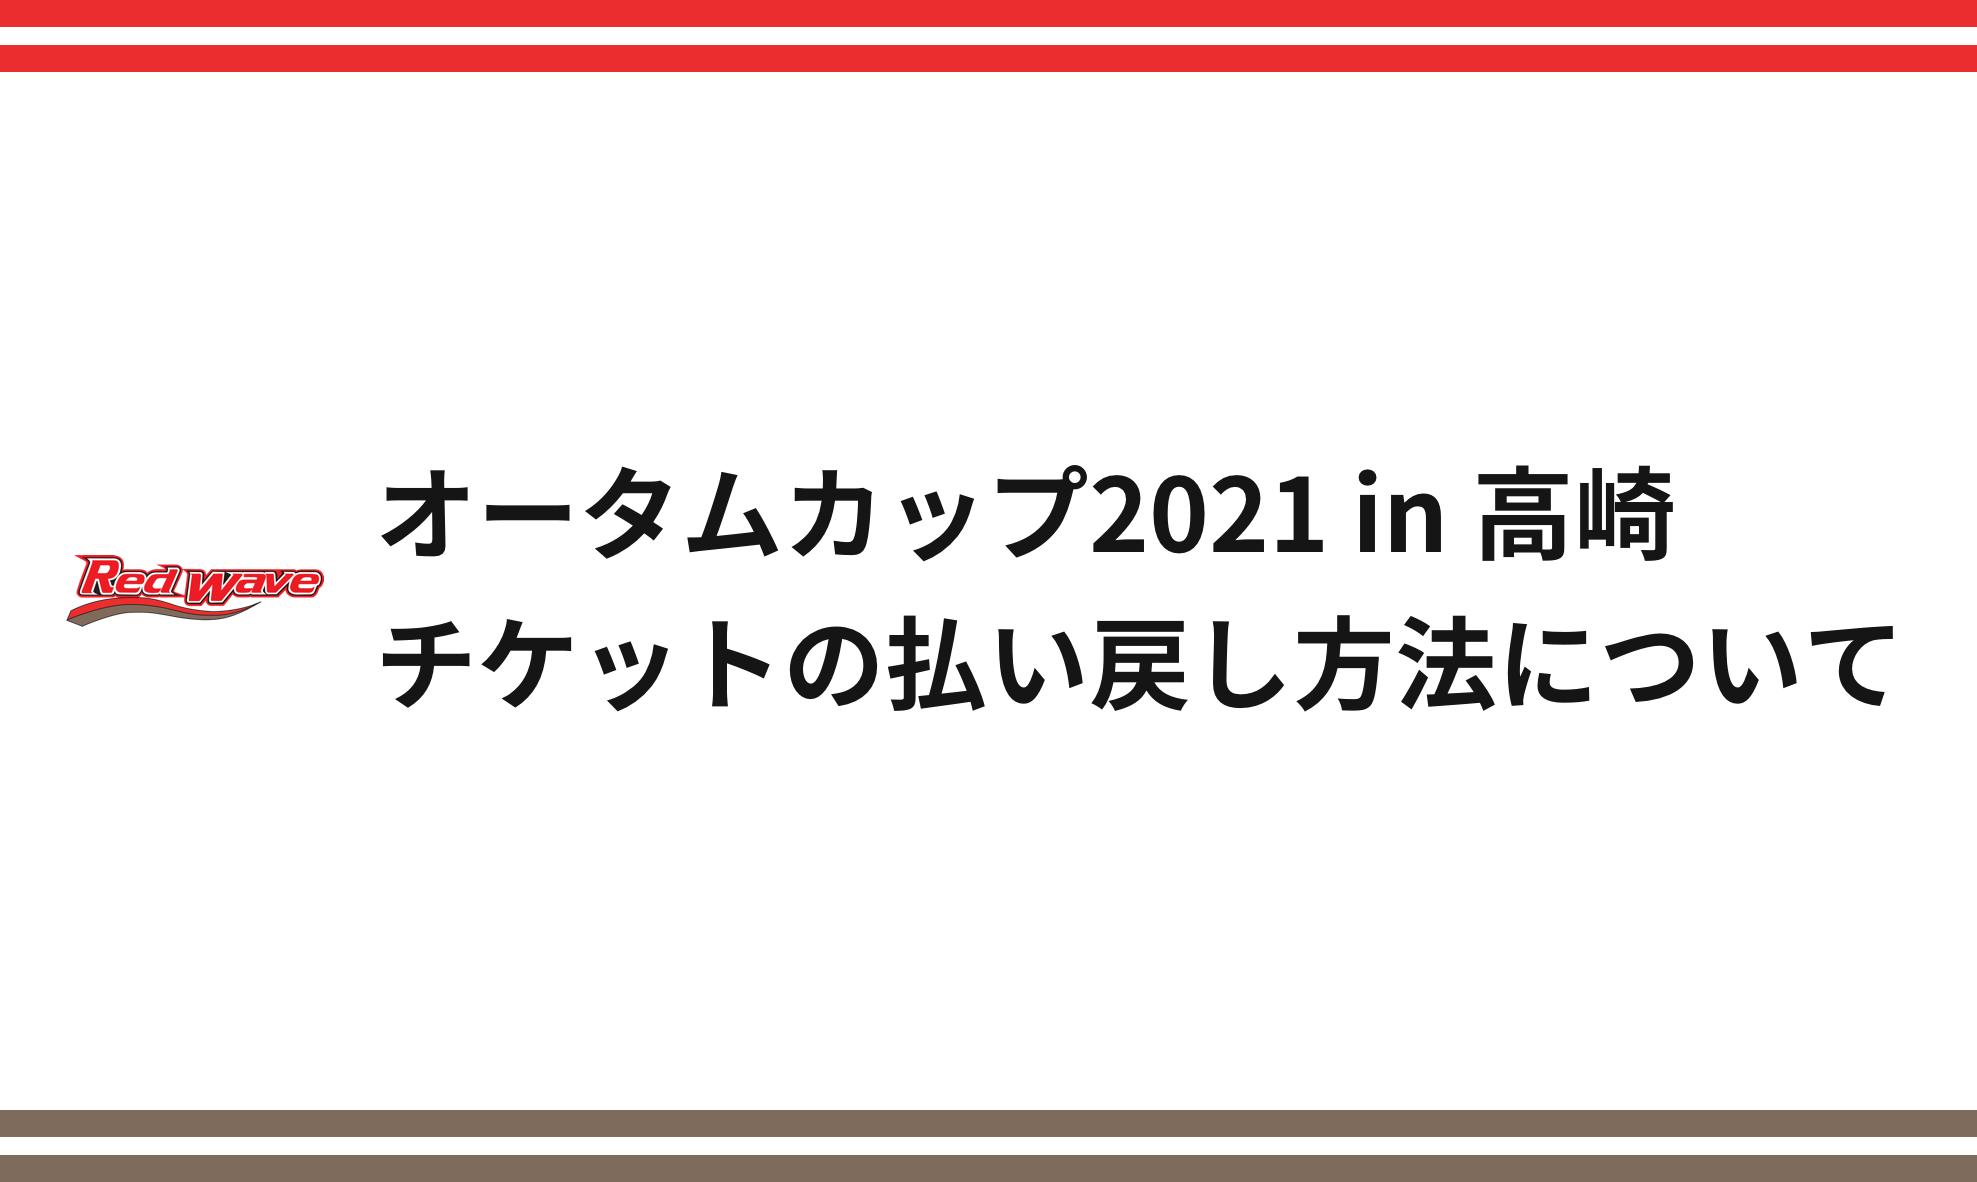 オータムカップ2021 in 高崎 チケットの